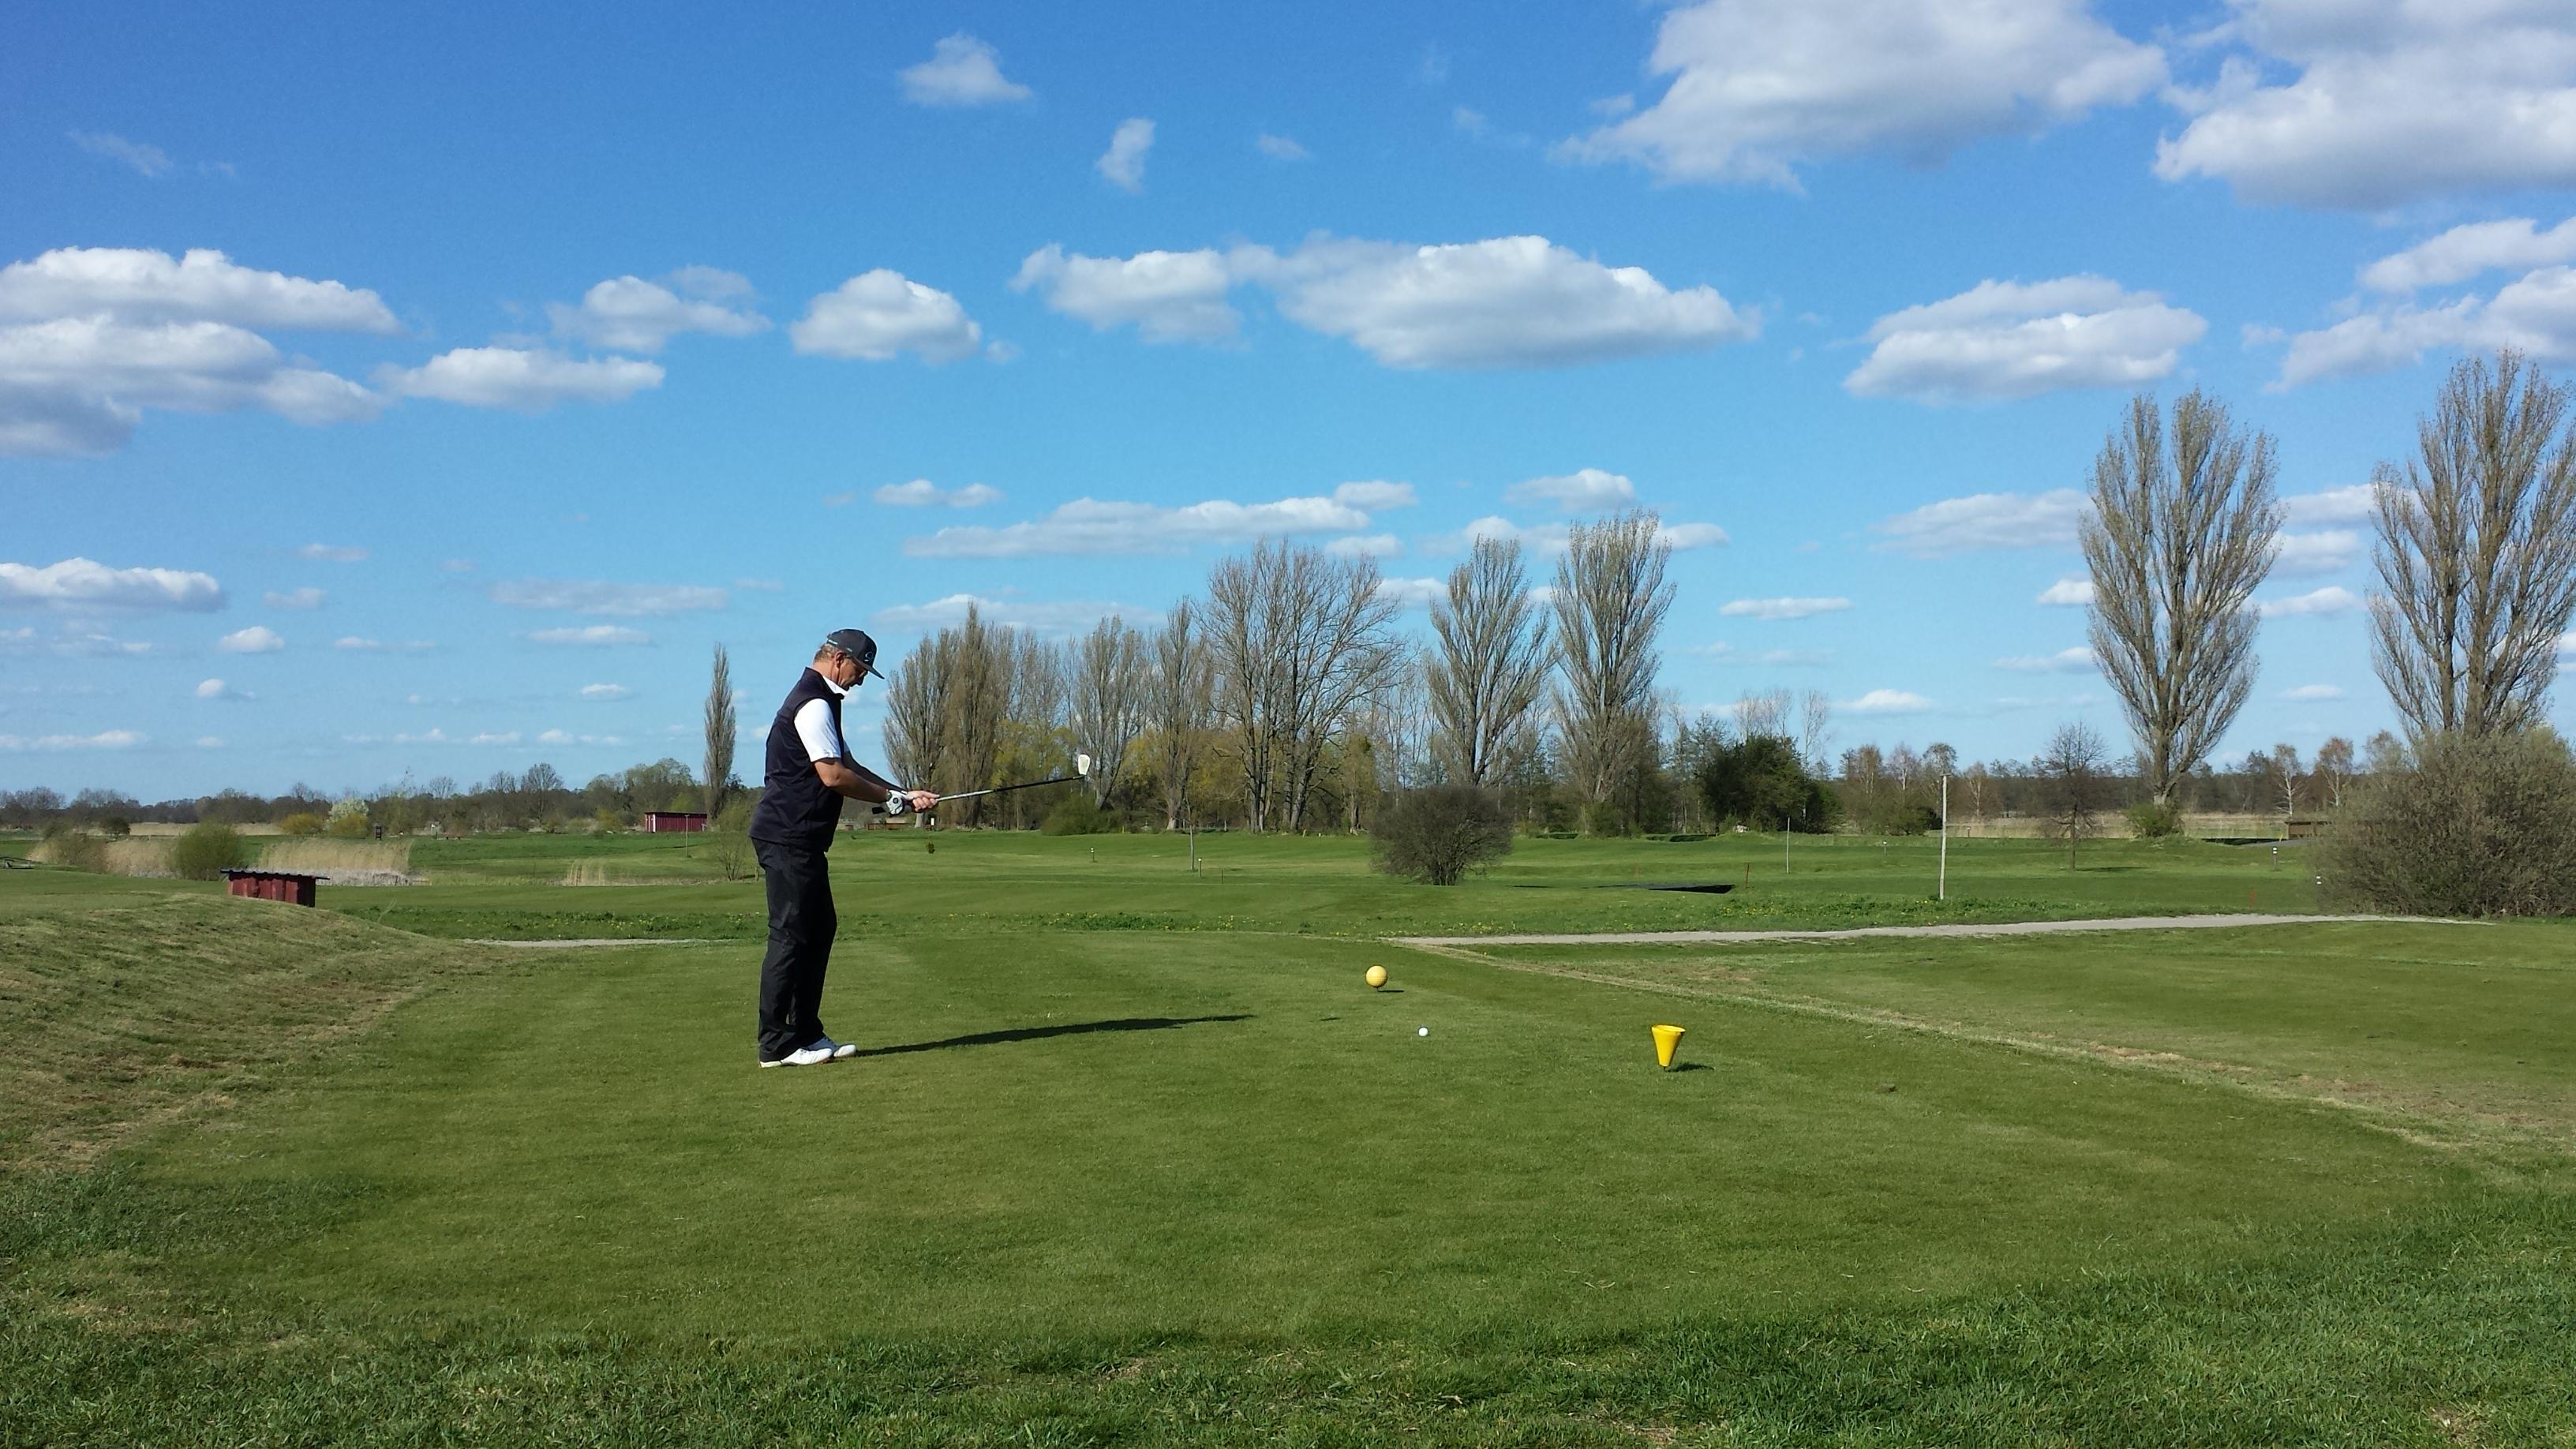 Youtube ist nicht gut für Golfer! – Wallgang: Alles zum Thema Golf ...